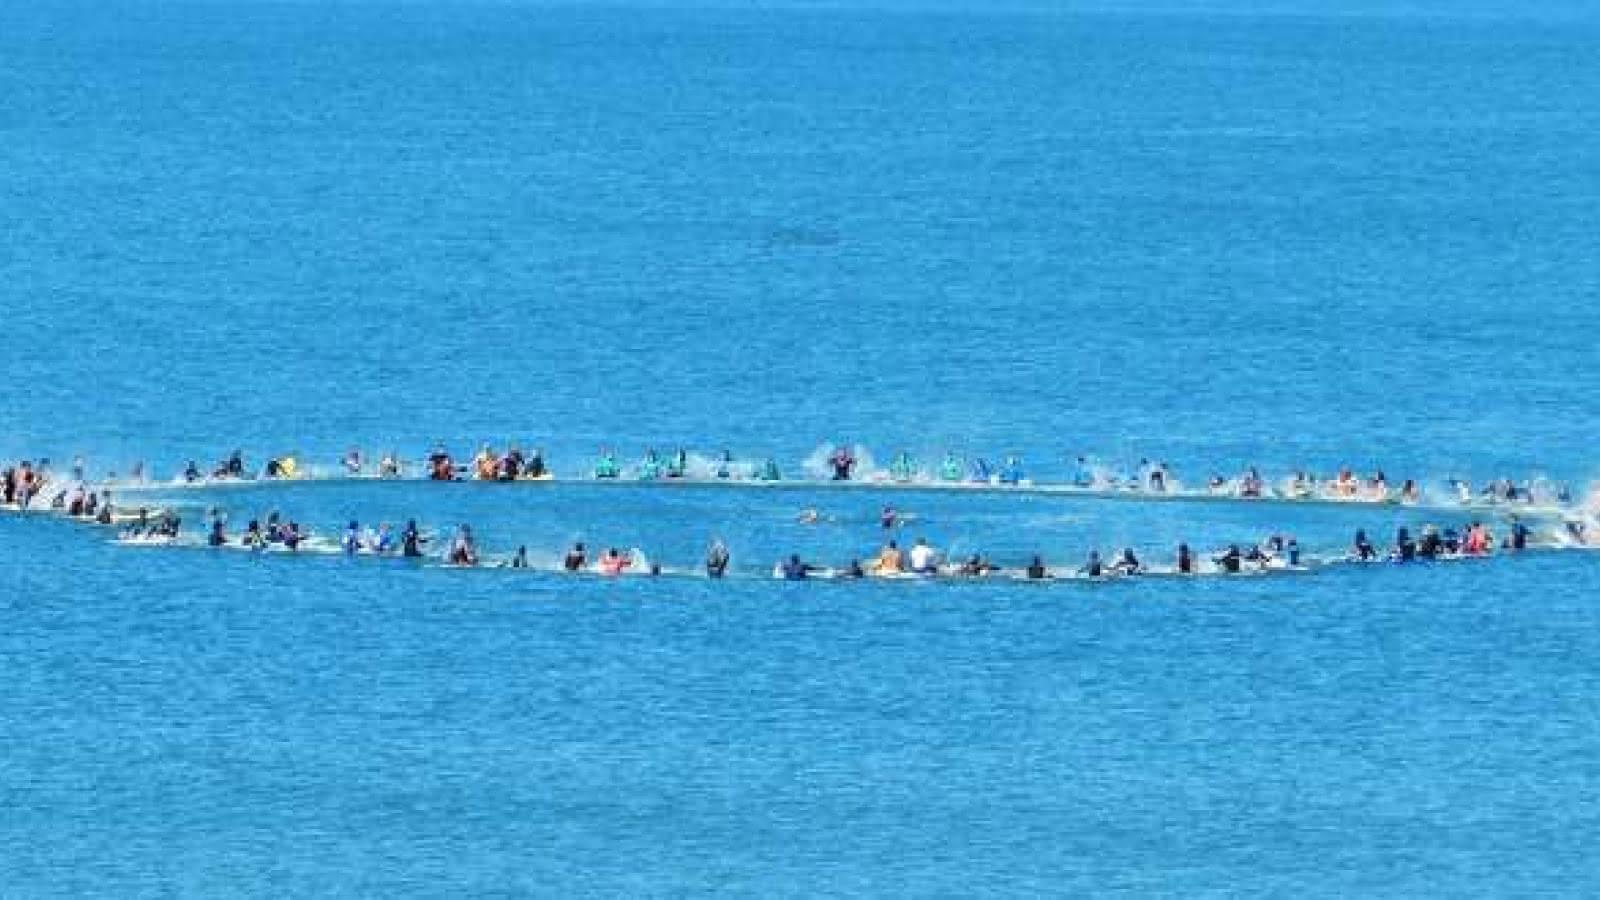 fete-hawaienne-avec-les-surfeurs-hourtinais-et-les-mns-du-poste-de-secours